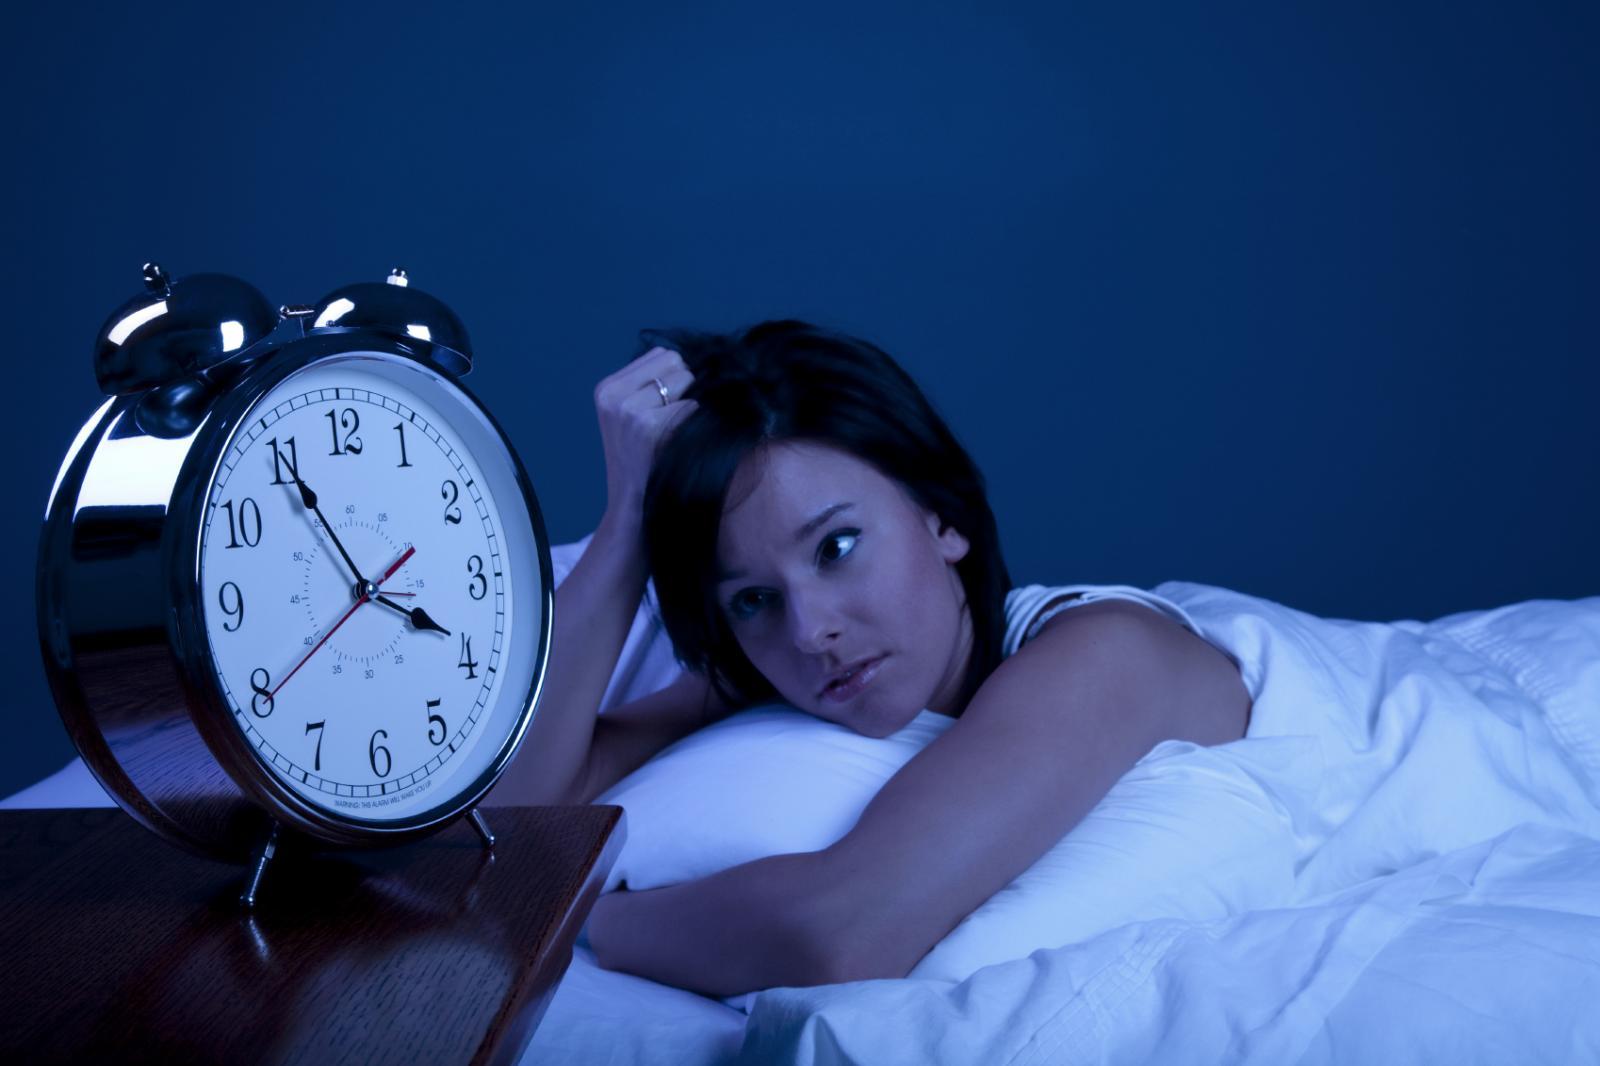 """18 มีนาคม """"วันนอนหลับโลก"""" ถามตัวเองดู วันนี้คุณนอนเพียงพอหรือยัง?"""